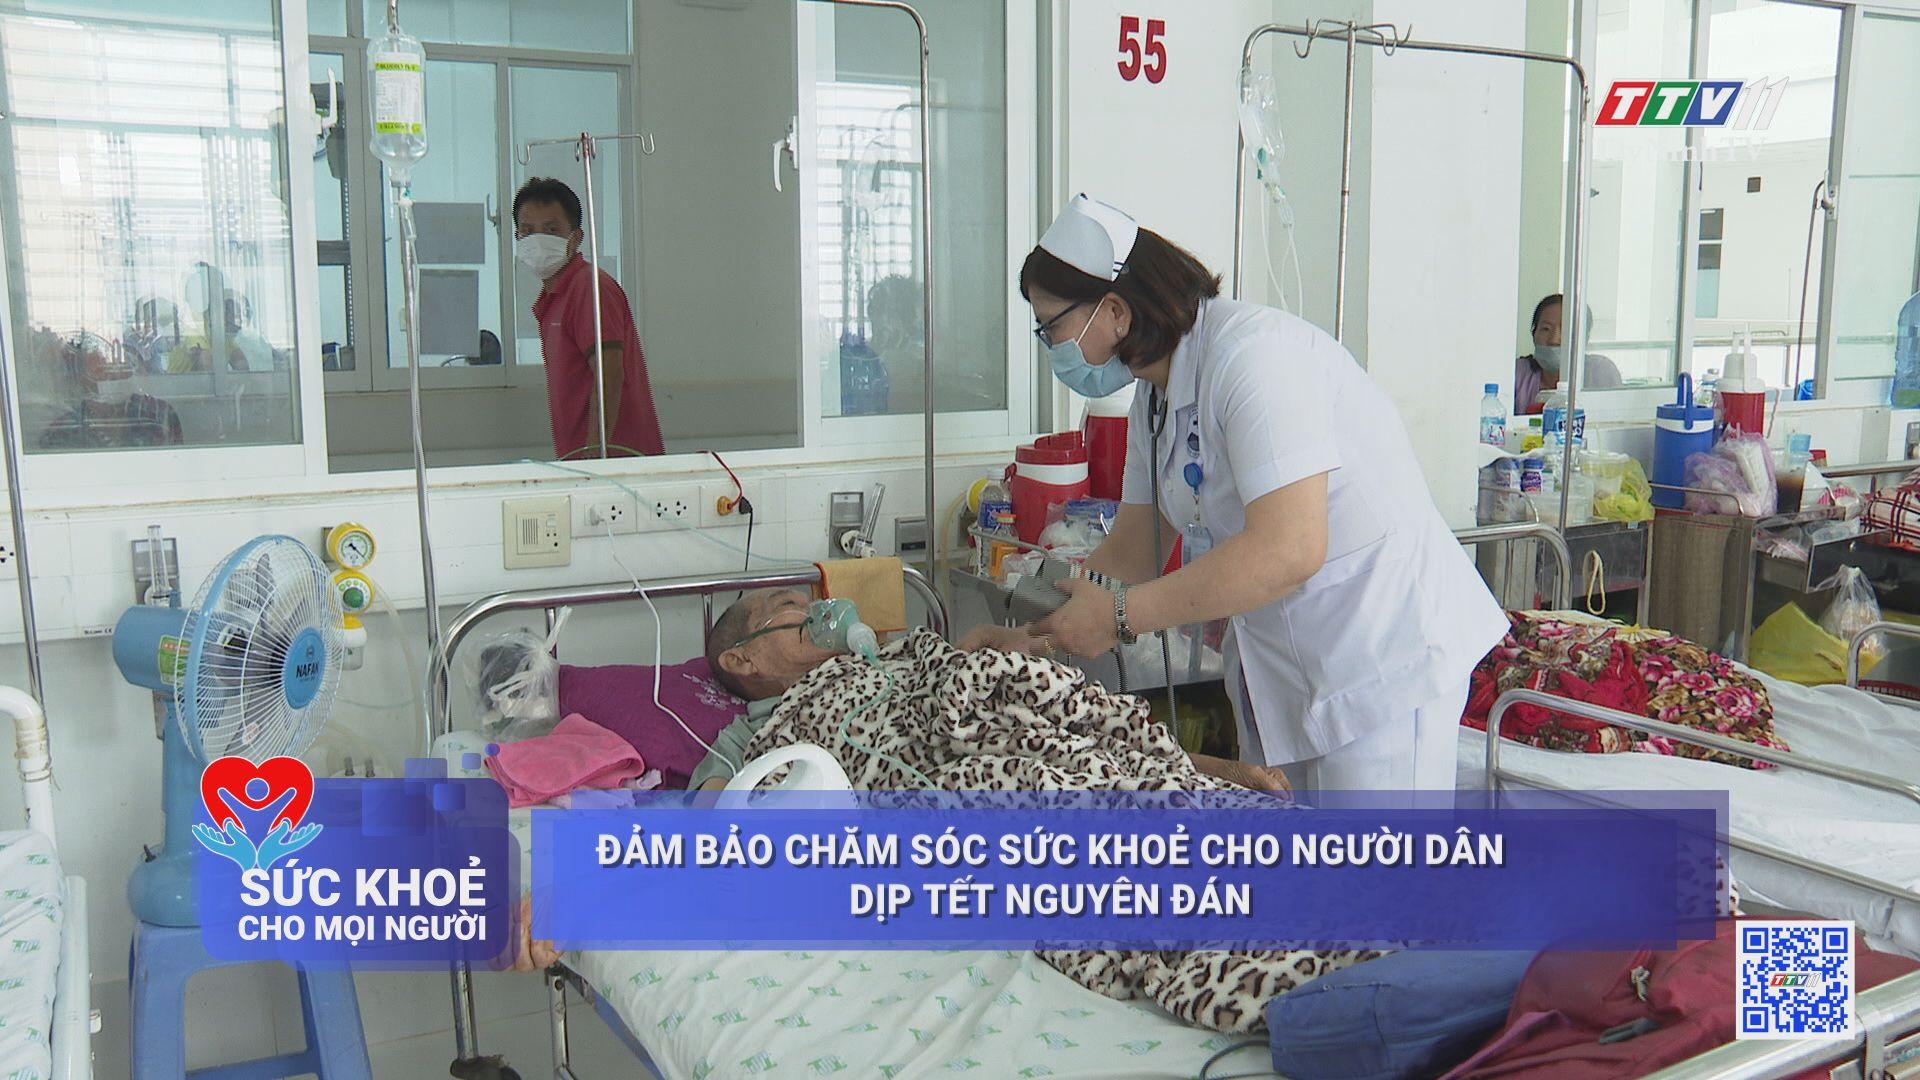 Đảm bảo chăm sóc sức khỏe cho người dân dịp Tết Nguyên đán | SỨC KHỎE CHO MỌI NGƯỜI | TayNinhTV